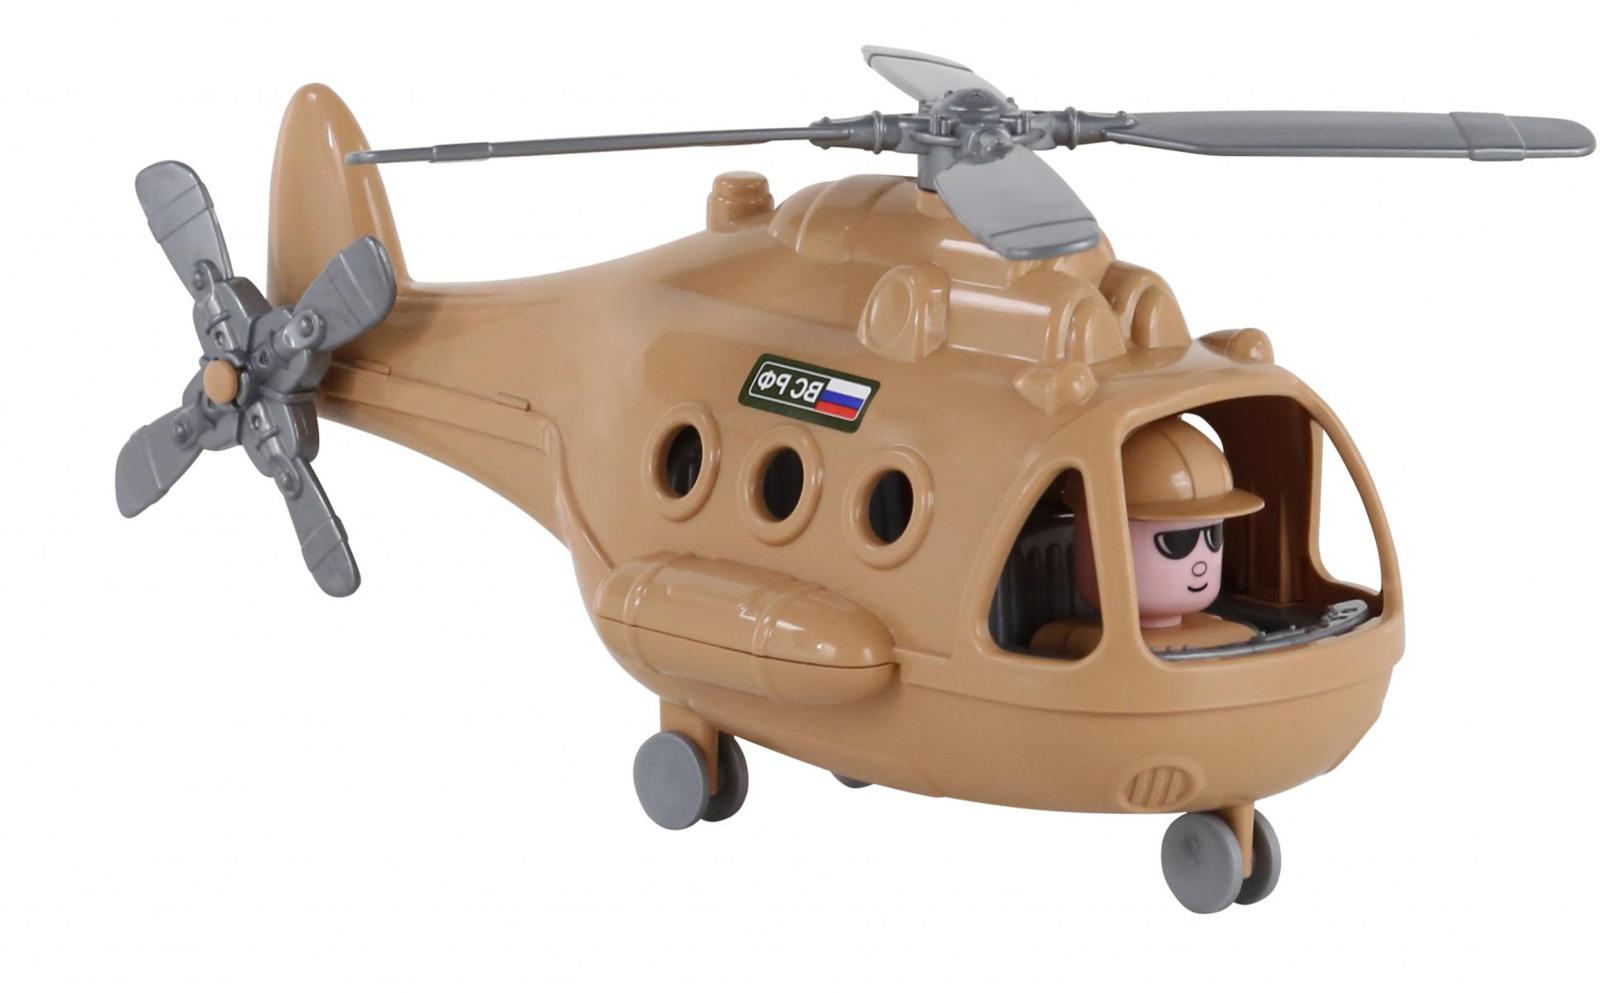 Вертолет военный Полесье Альфа-Сафари. 68774 конструкторы banbao defence force военный вертолет 29 элементов